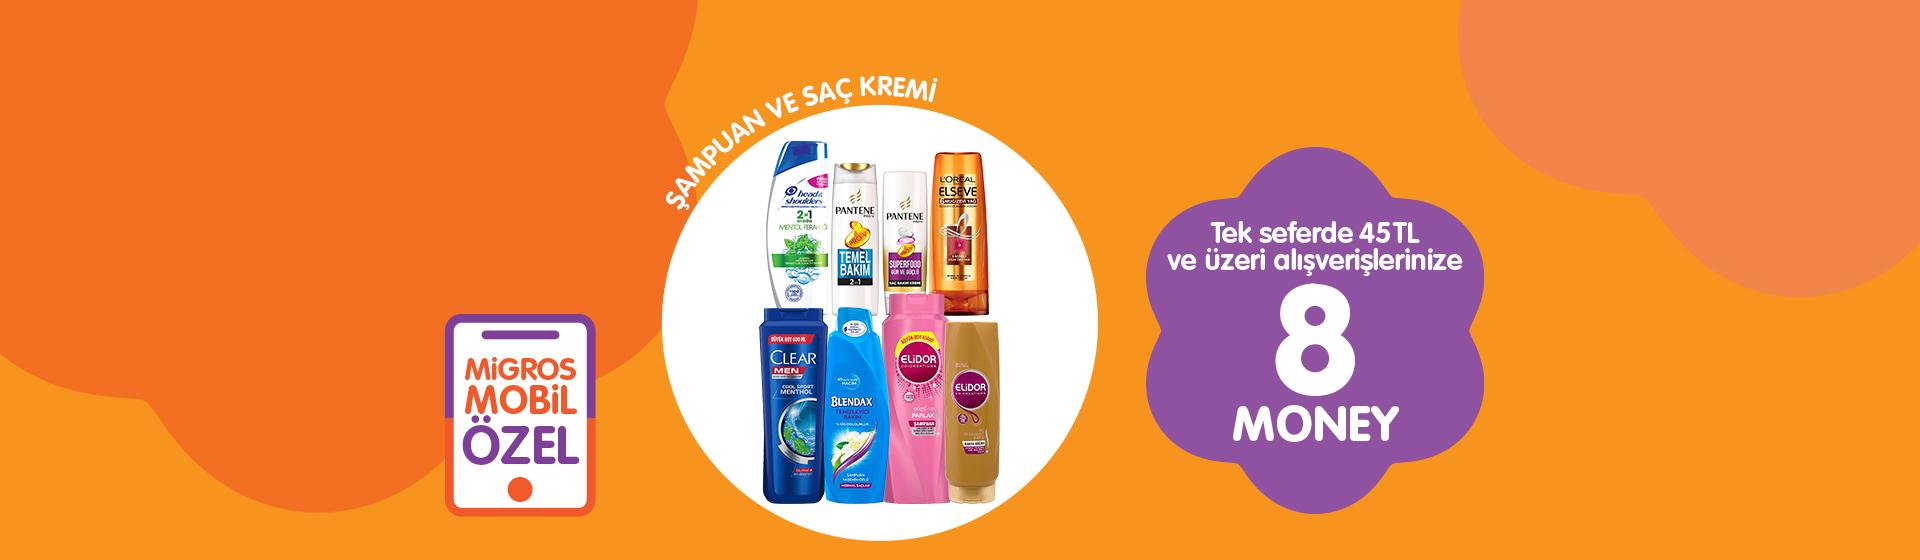 Şampuan ve Saç Kremi Money Kampanyası